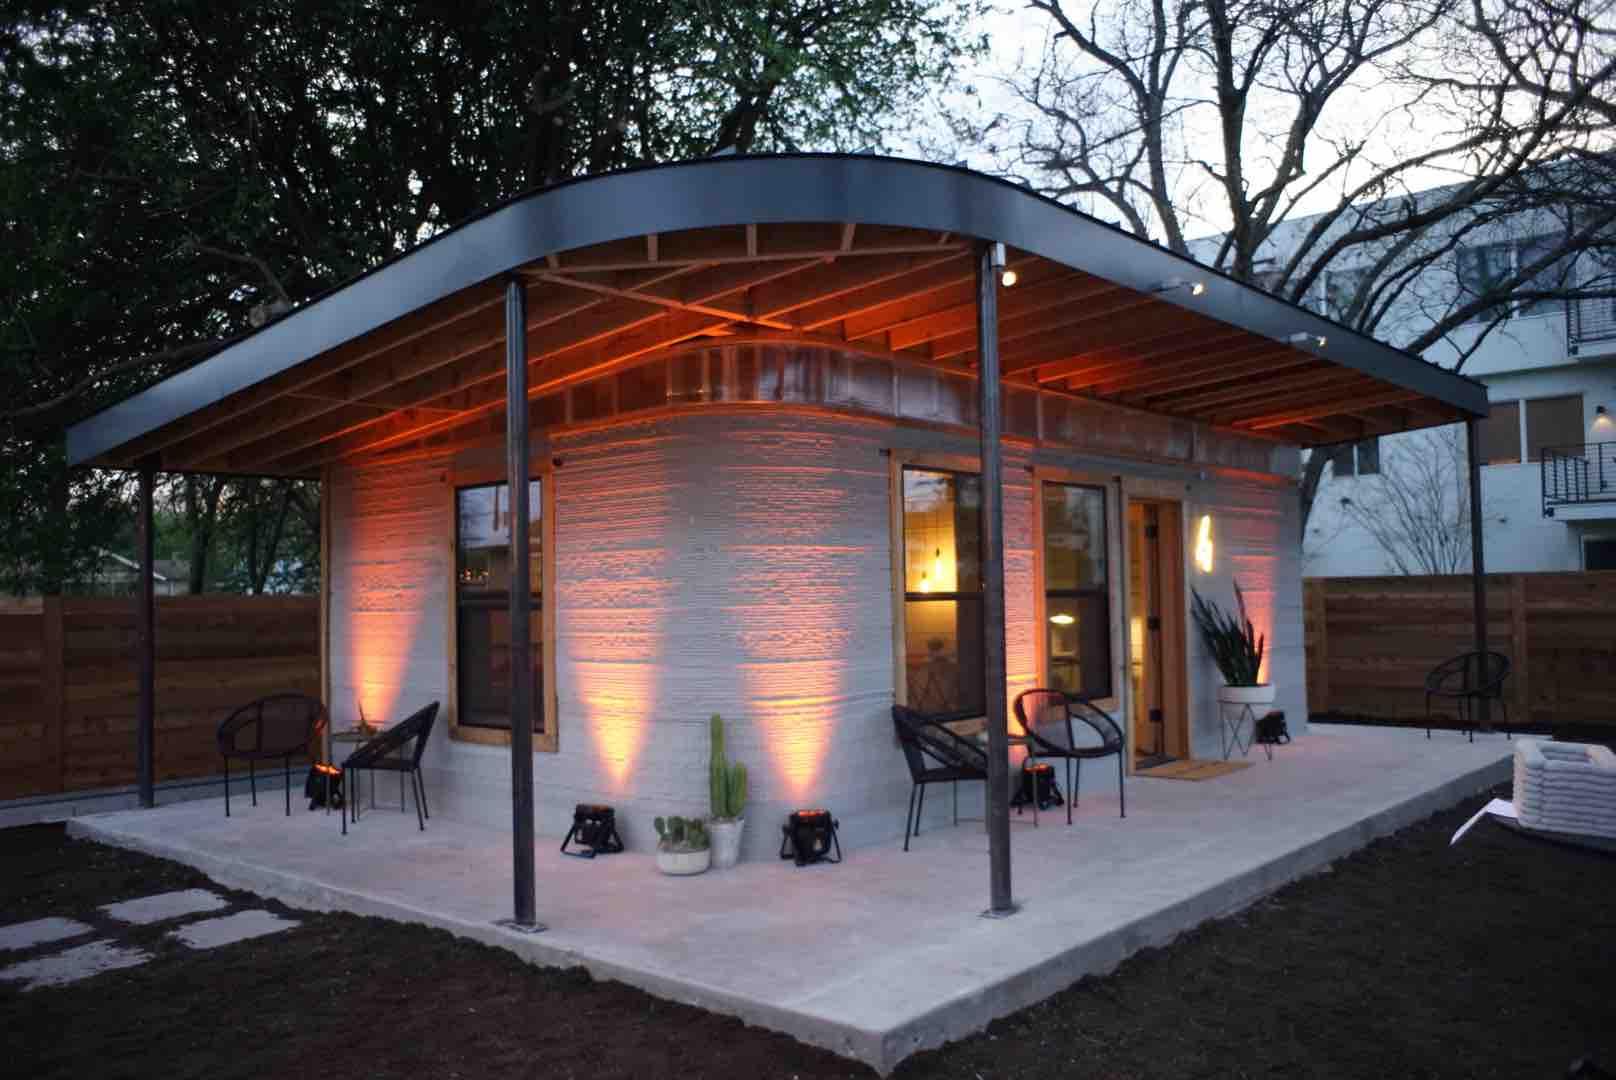 Case stampate in 3D per risolvere il problema abitativo (anche nello spazio)